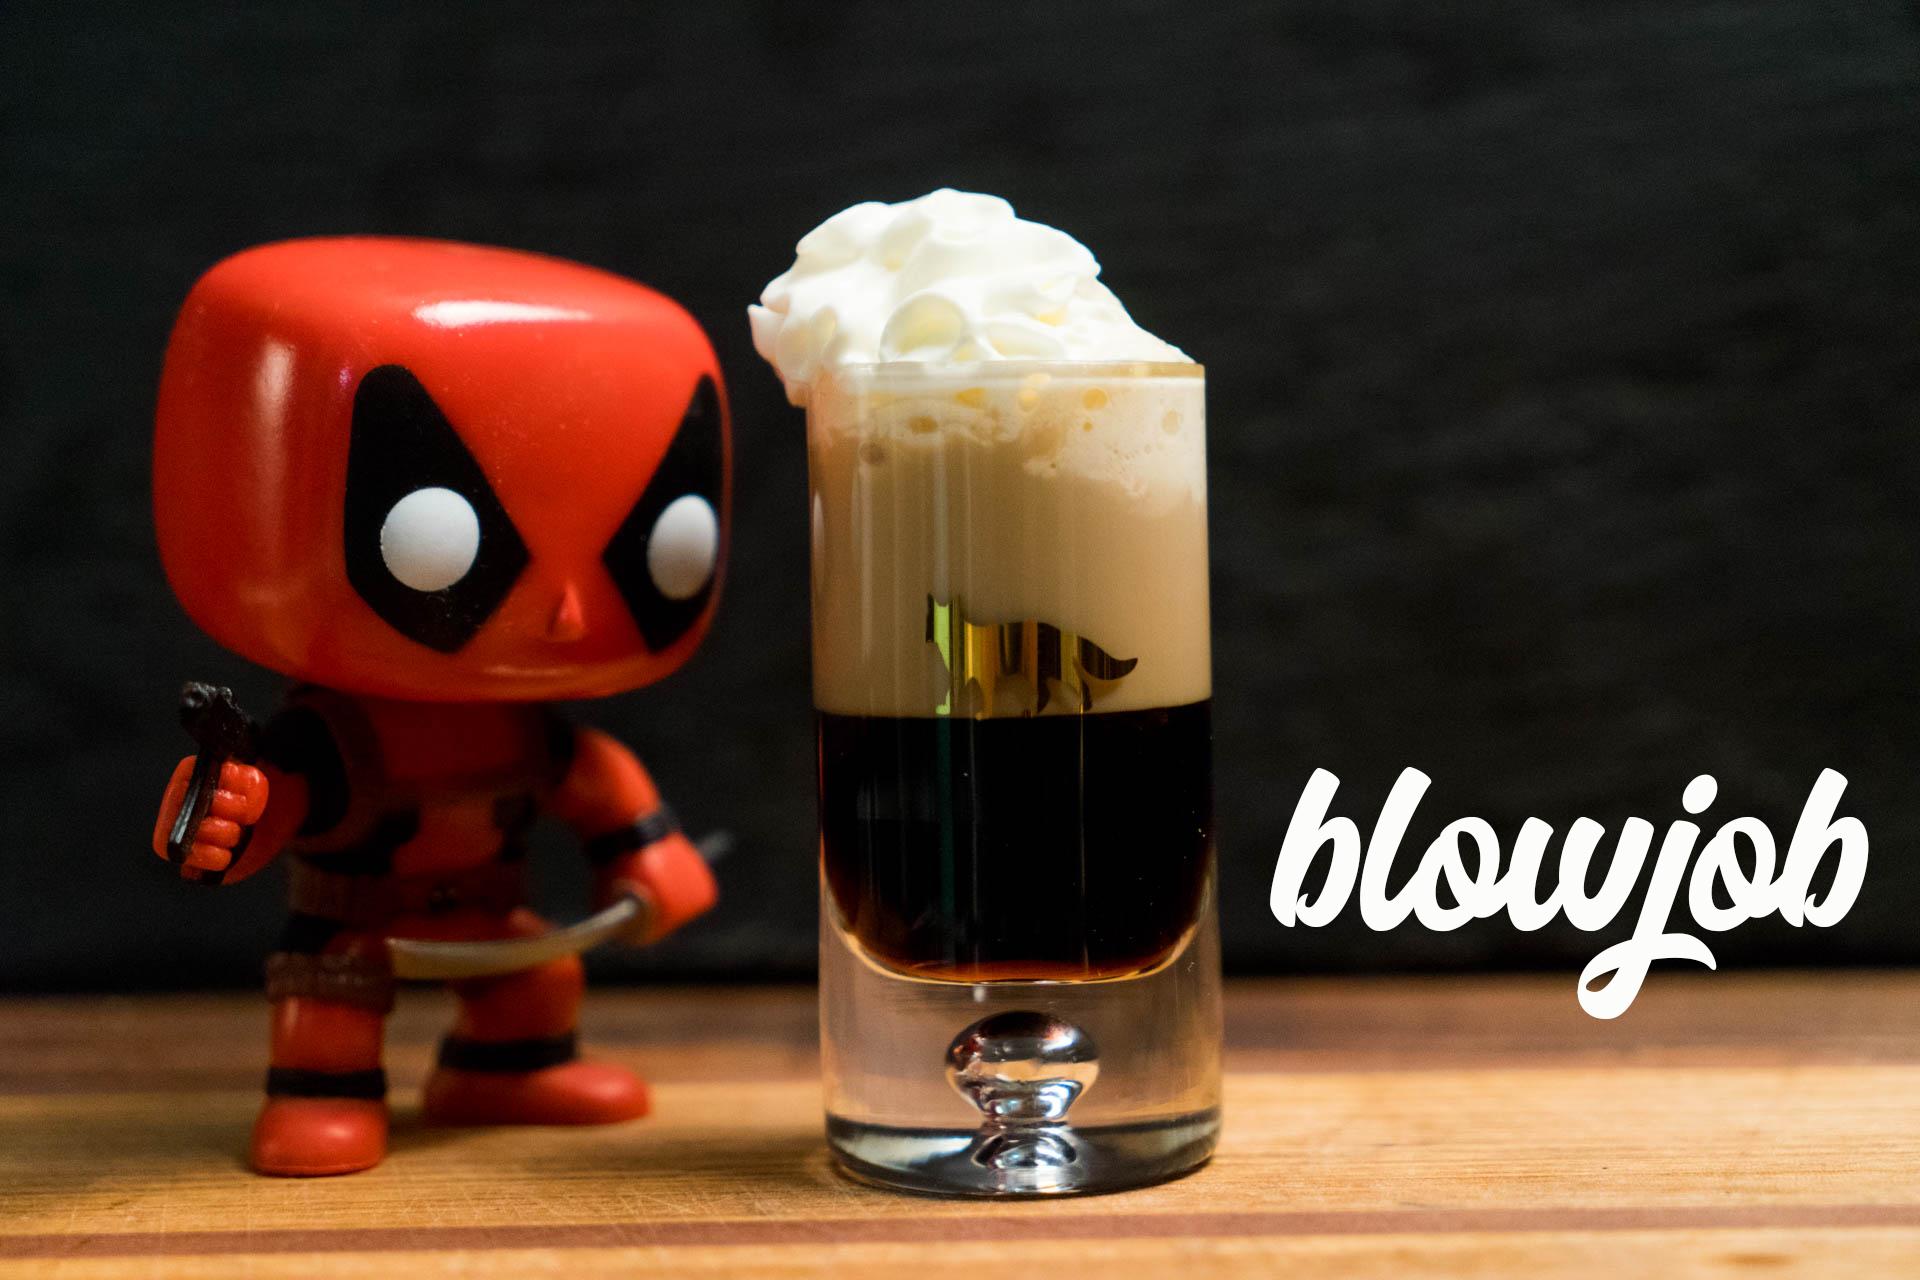 Blowjob shot recipe